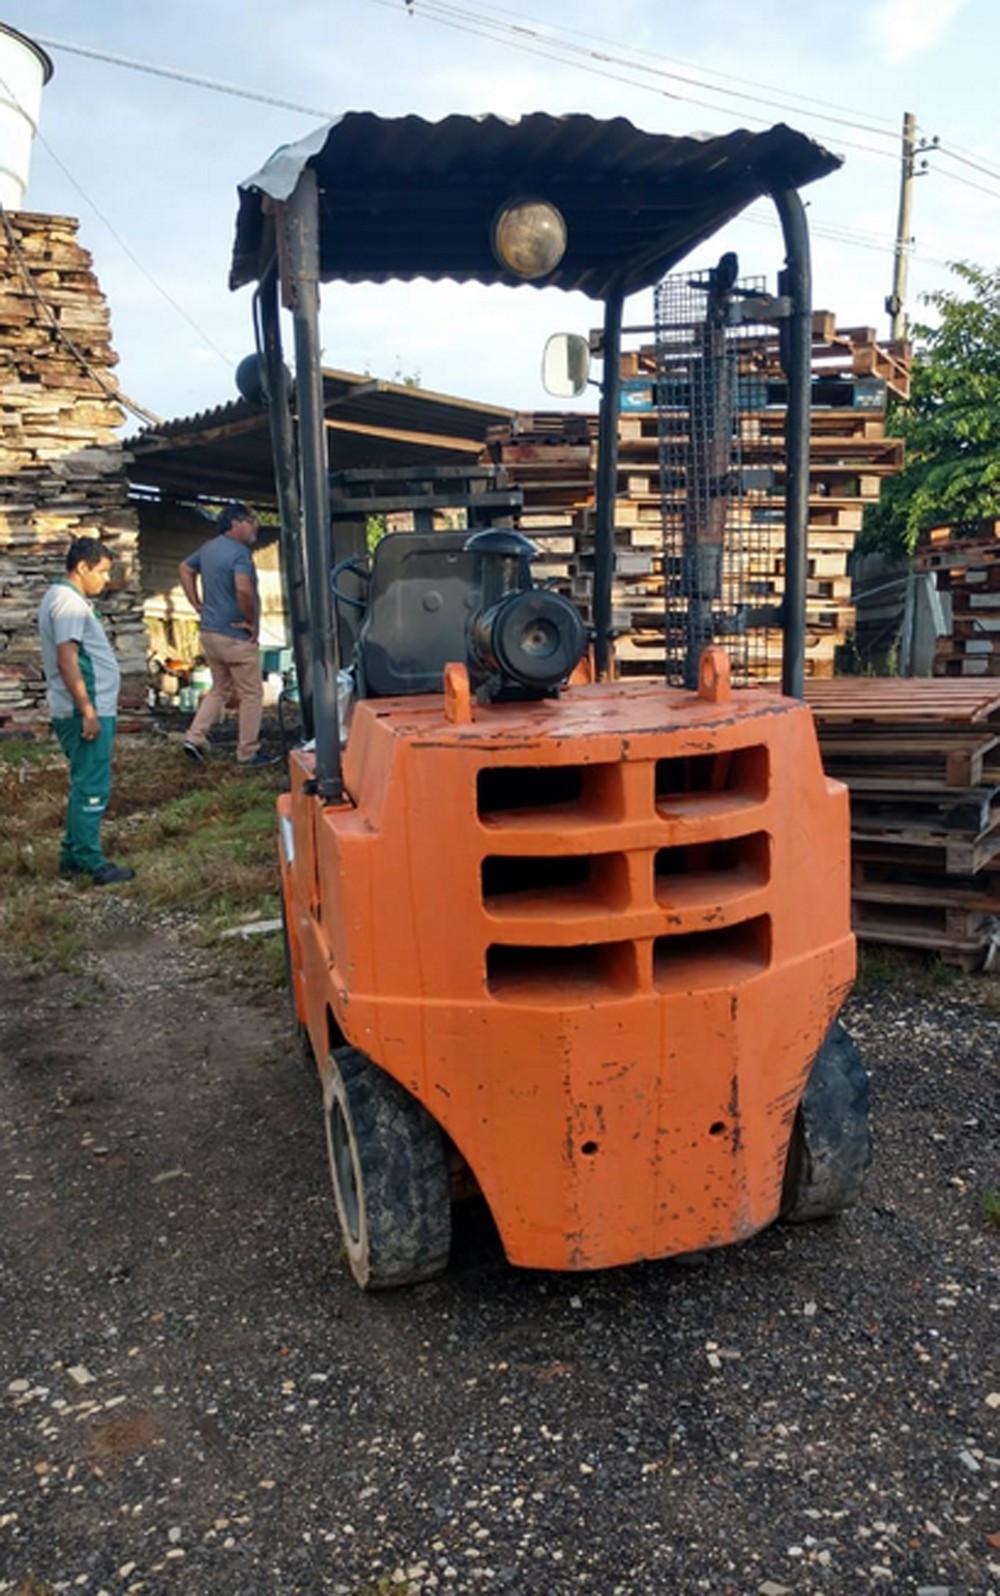 Máquina usada no transporte interno de quartzito no depósito — Foto: Polícia Federal/Divulgação